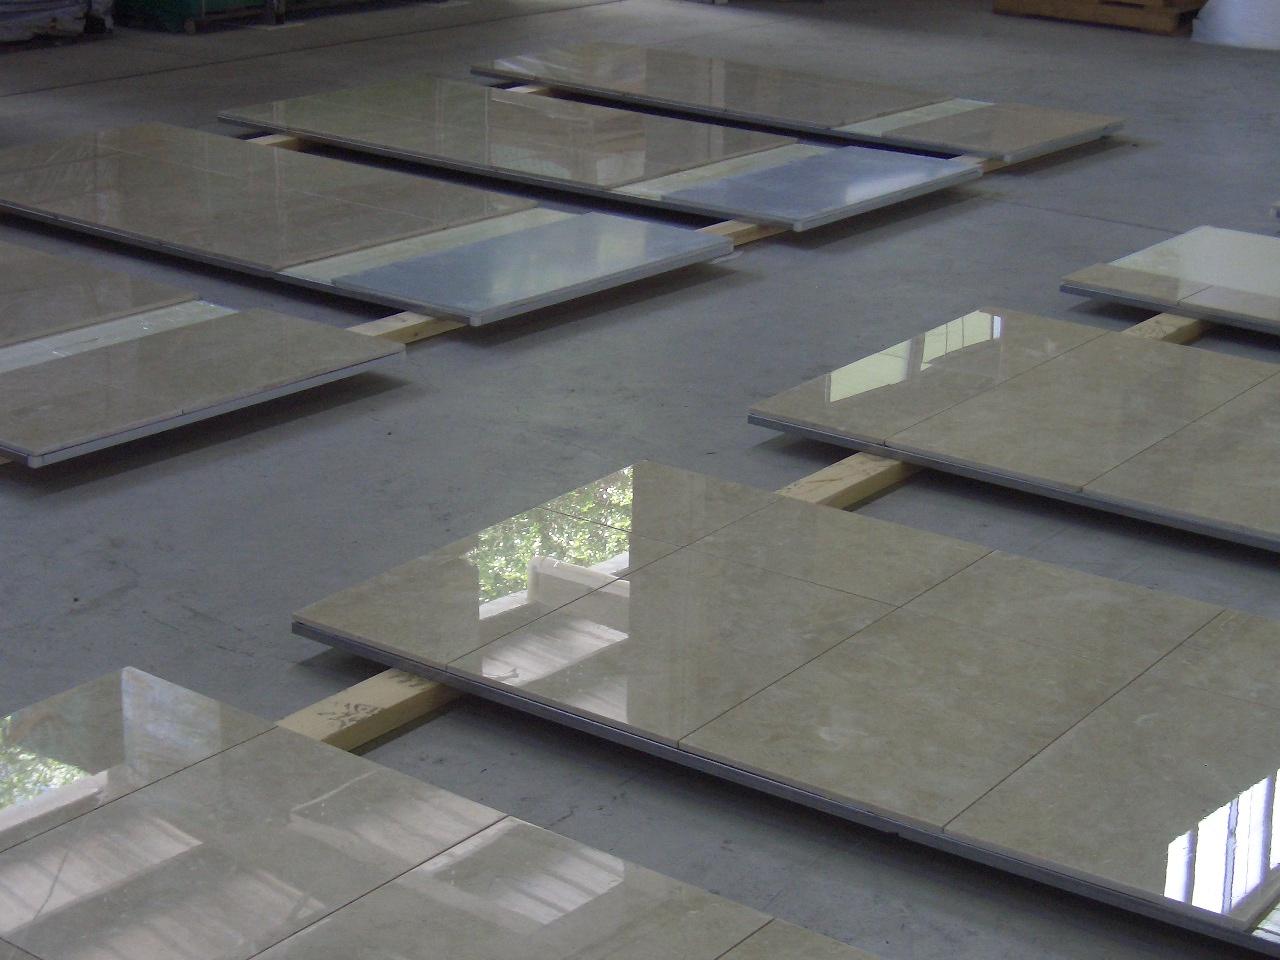 大理石の製品塗布(浴室壁に石貼り前のコート塗布)のサムネイル